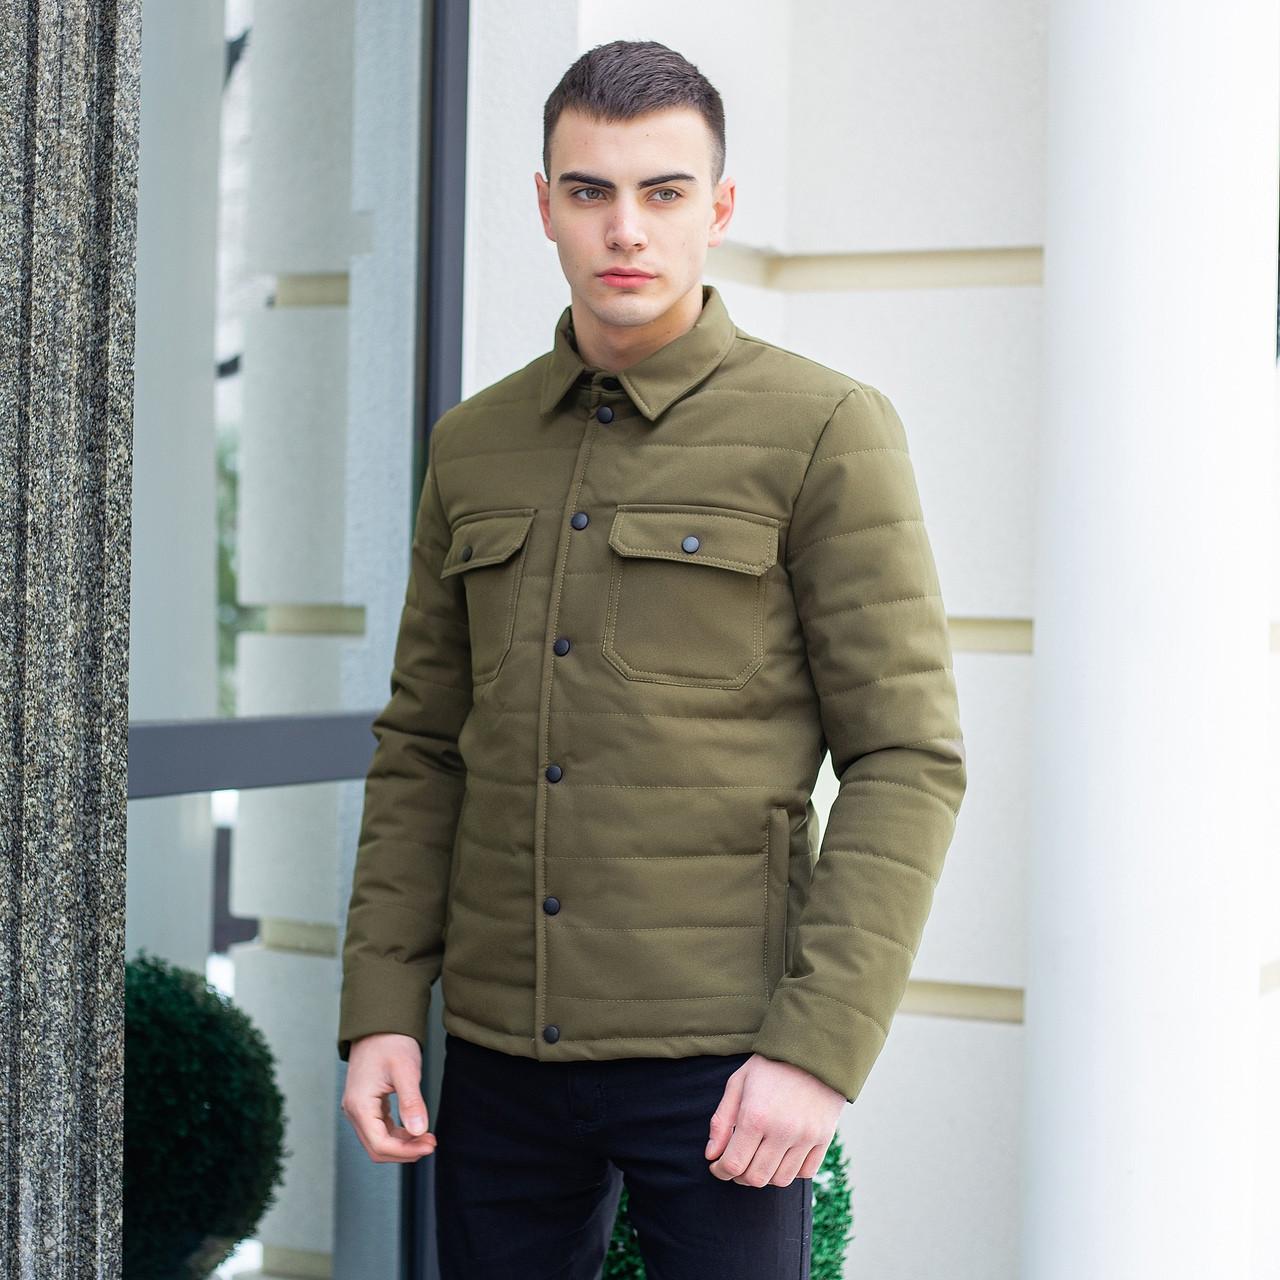 """Мужская коттоновая куртка - рубашка Pobedov Jacket """"IPO"""" без капюшона, демисезонная куртка, цвет хаки"""